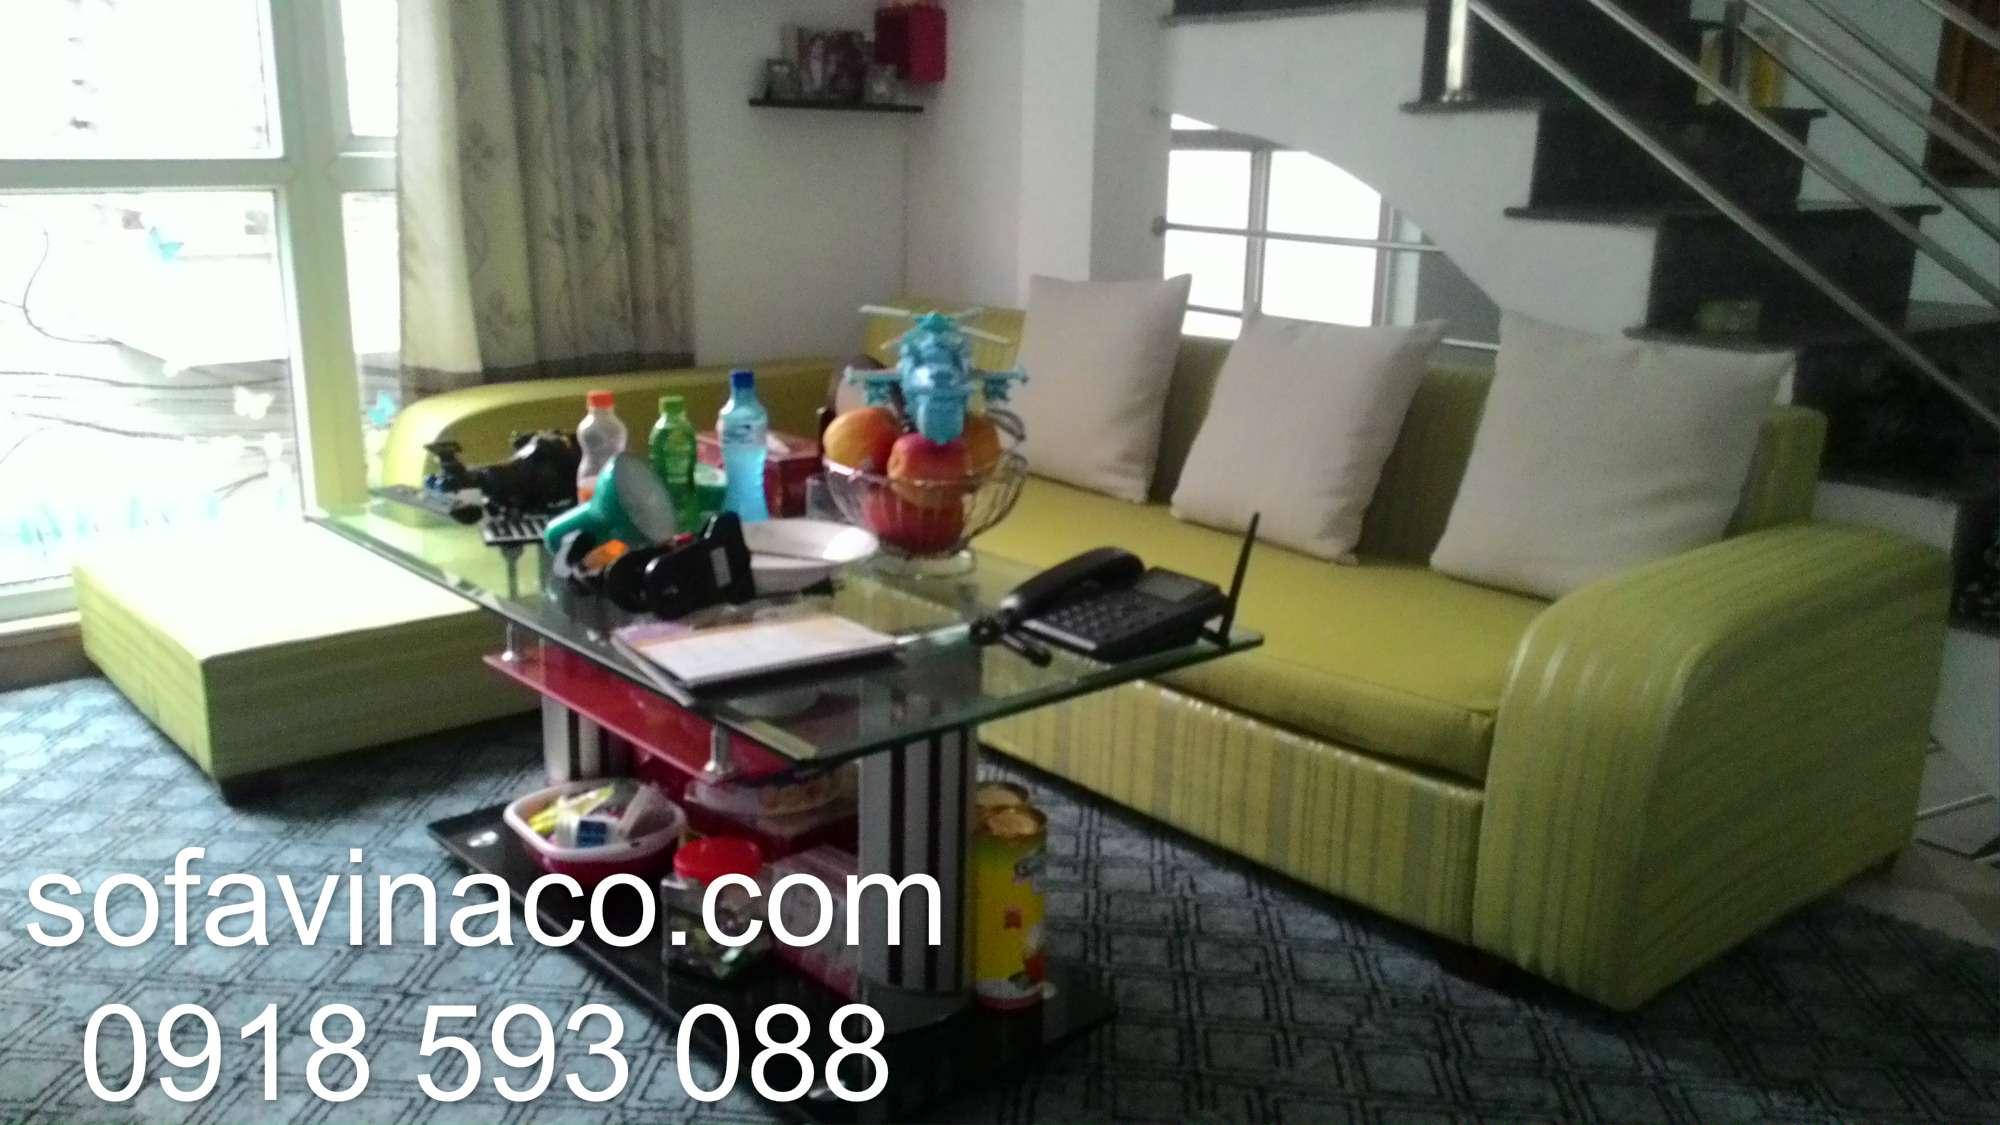 Bọc ghế sofa vải nỉ Hoàng Quốc Việt - Cầu Giấy